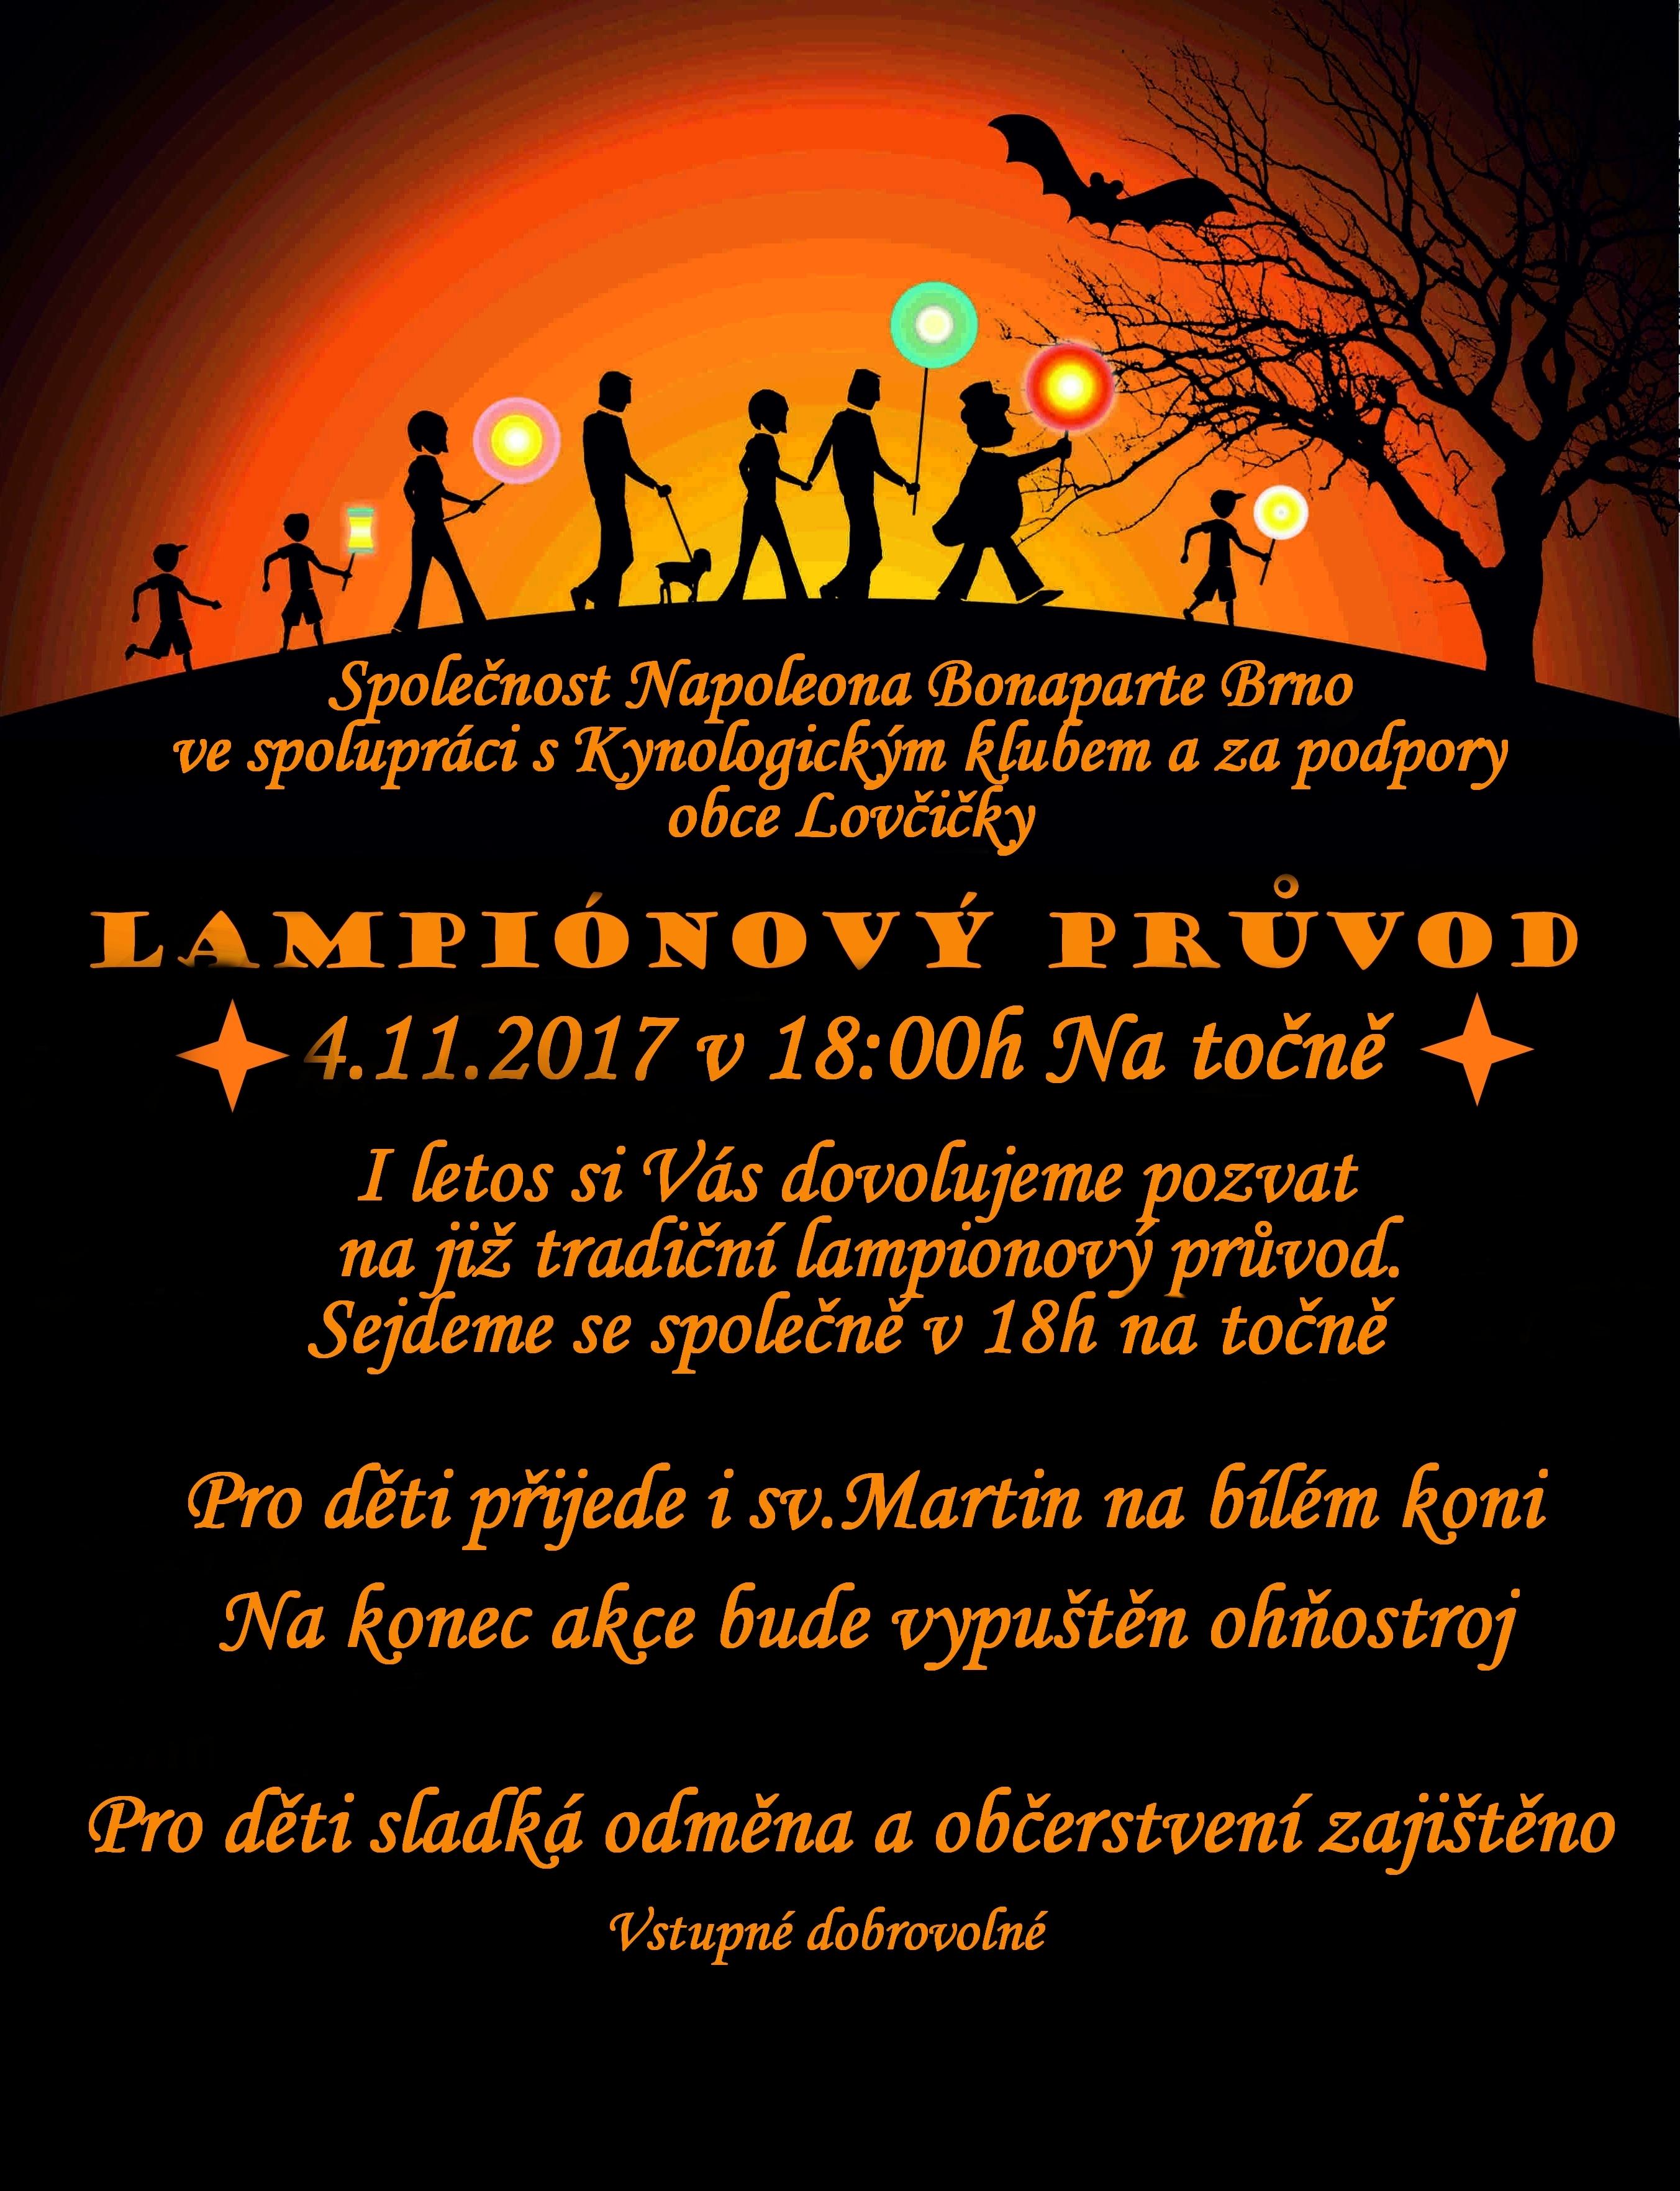 http://www.lovcicky.cz/evt_file.php?file=1163&original=lampionov%C3%BD%20pruvod.jpg